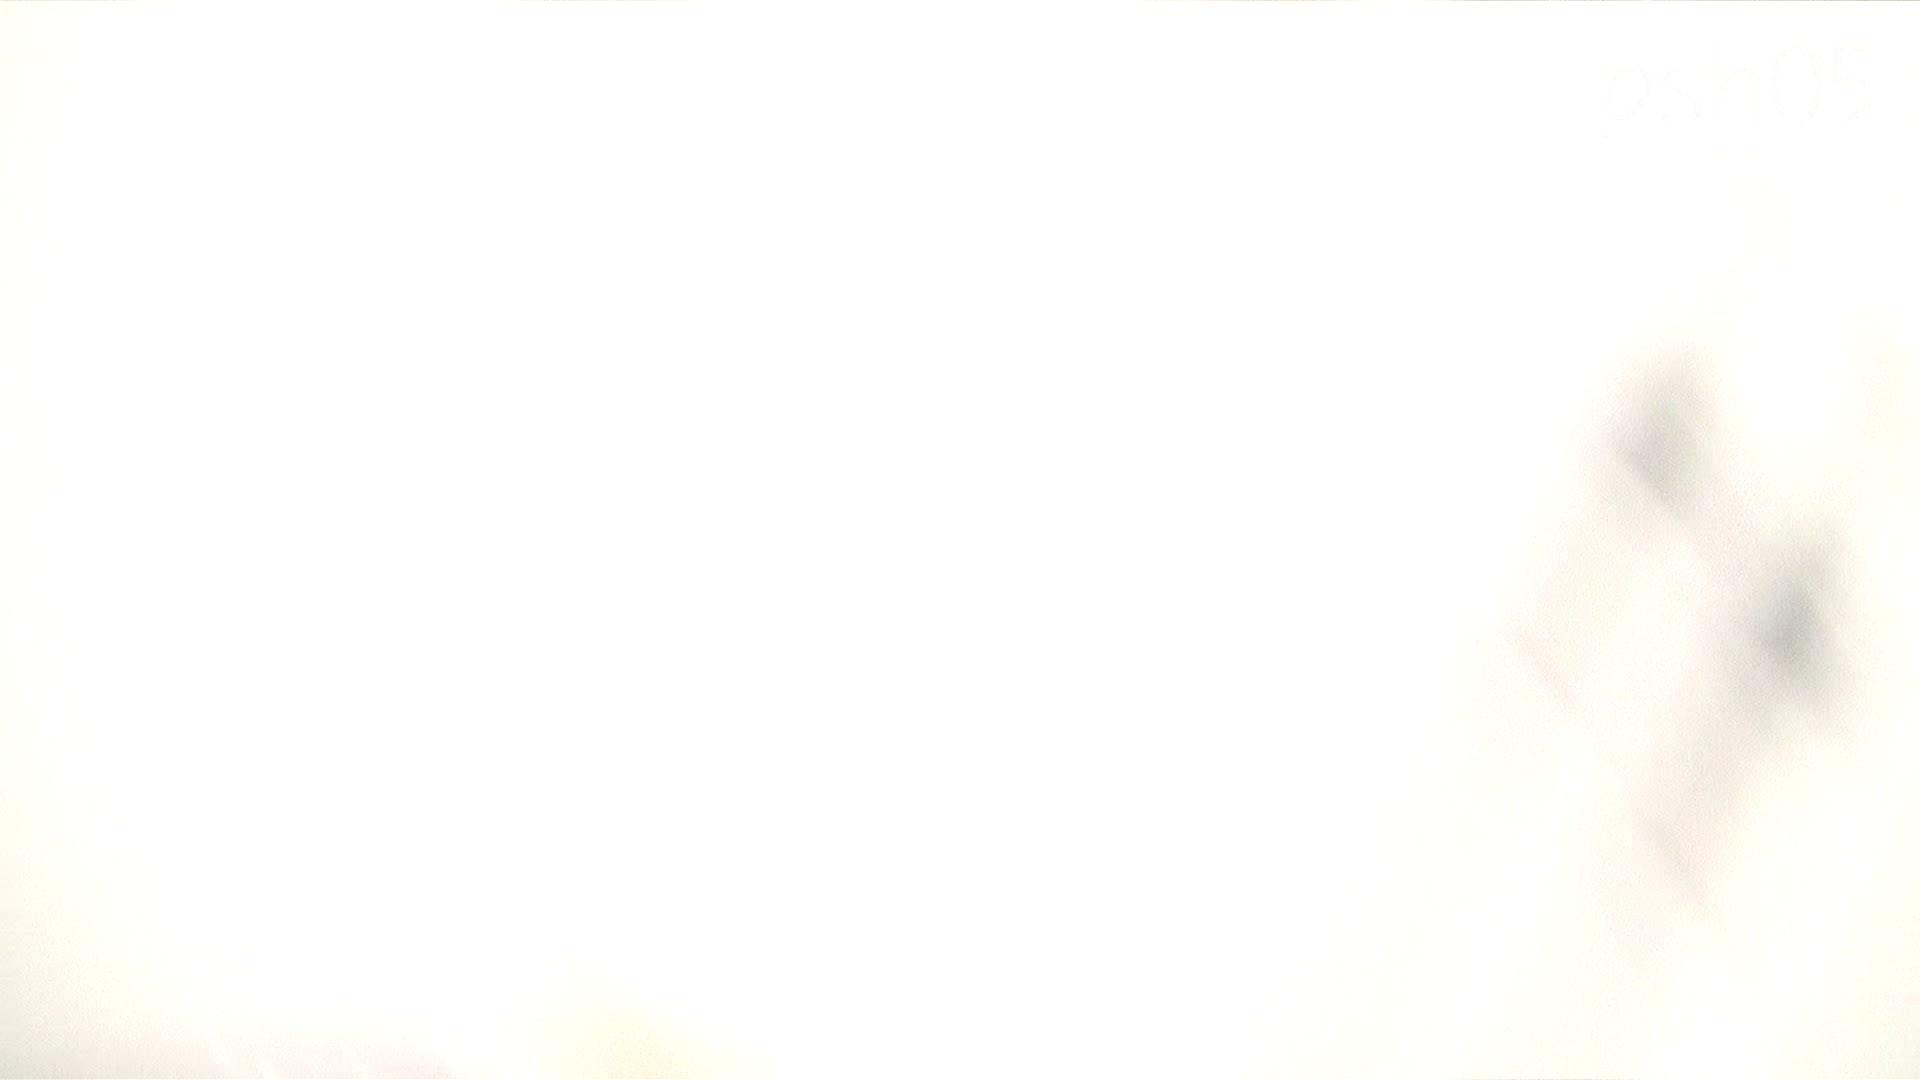 巨乳 乳首:▲復活限定▲ハイビジョン 盗神伝 Vol.5:怪盗ジョーカー